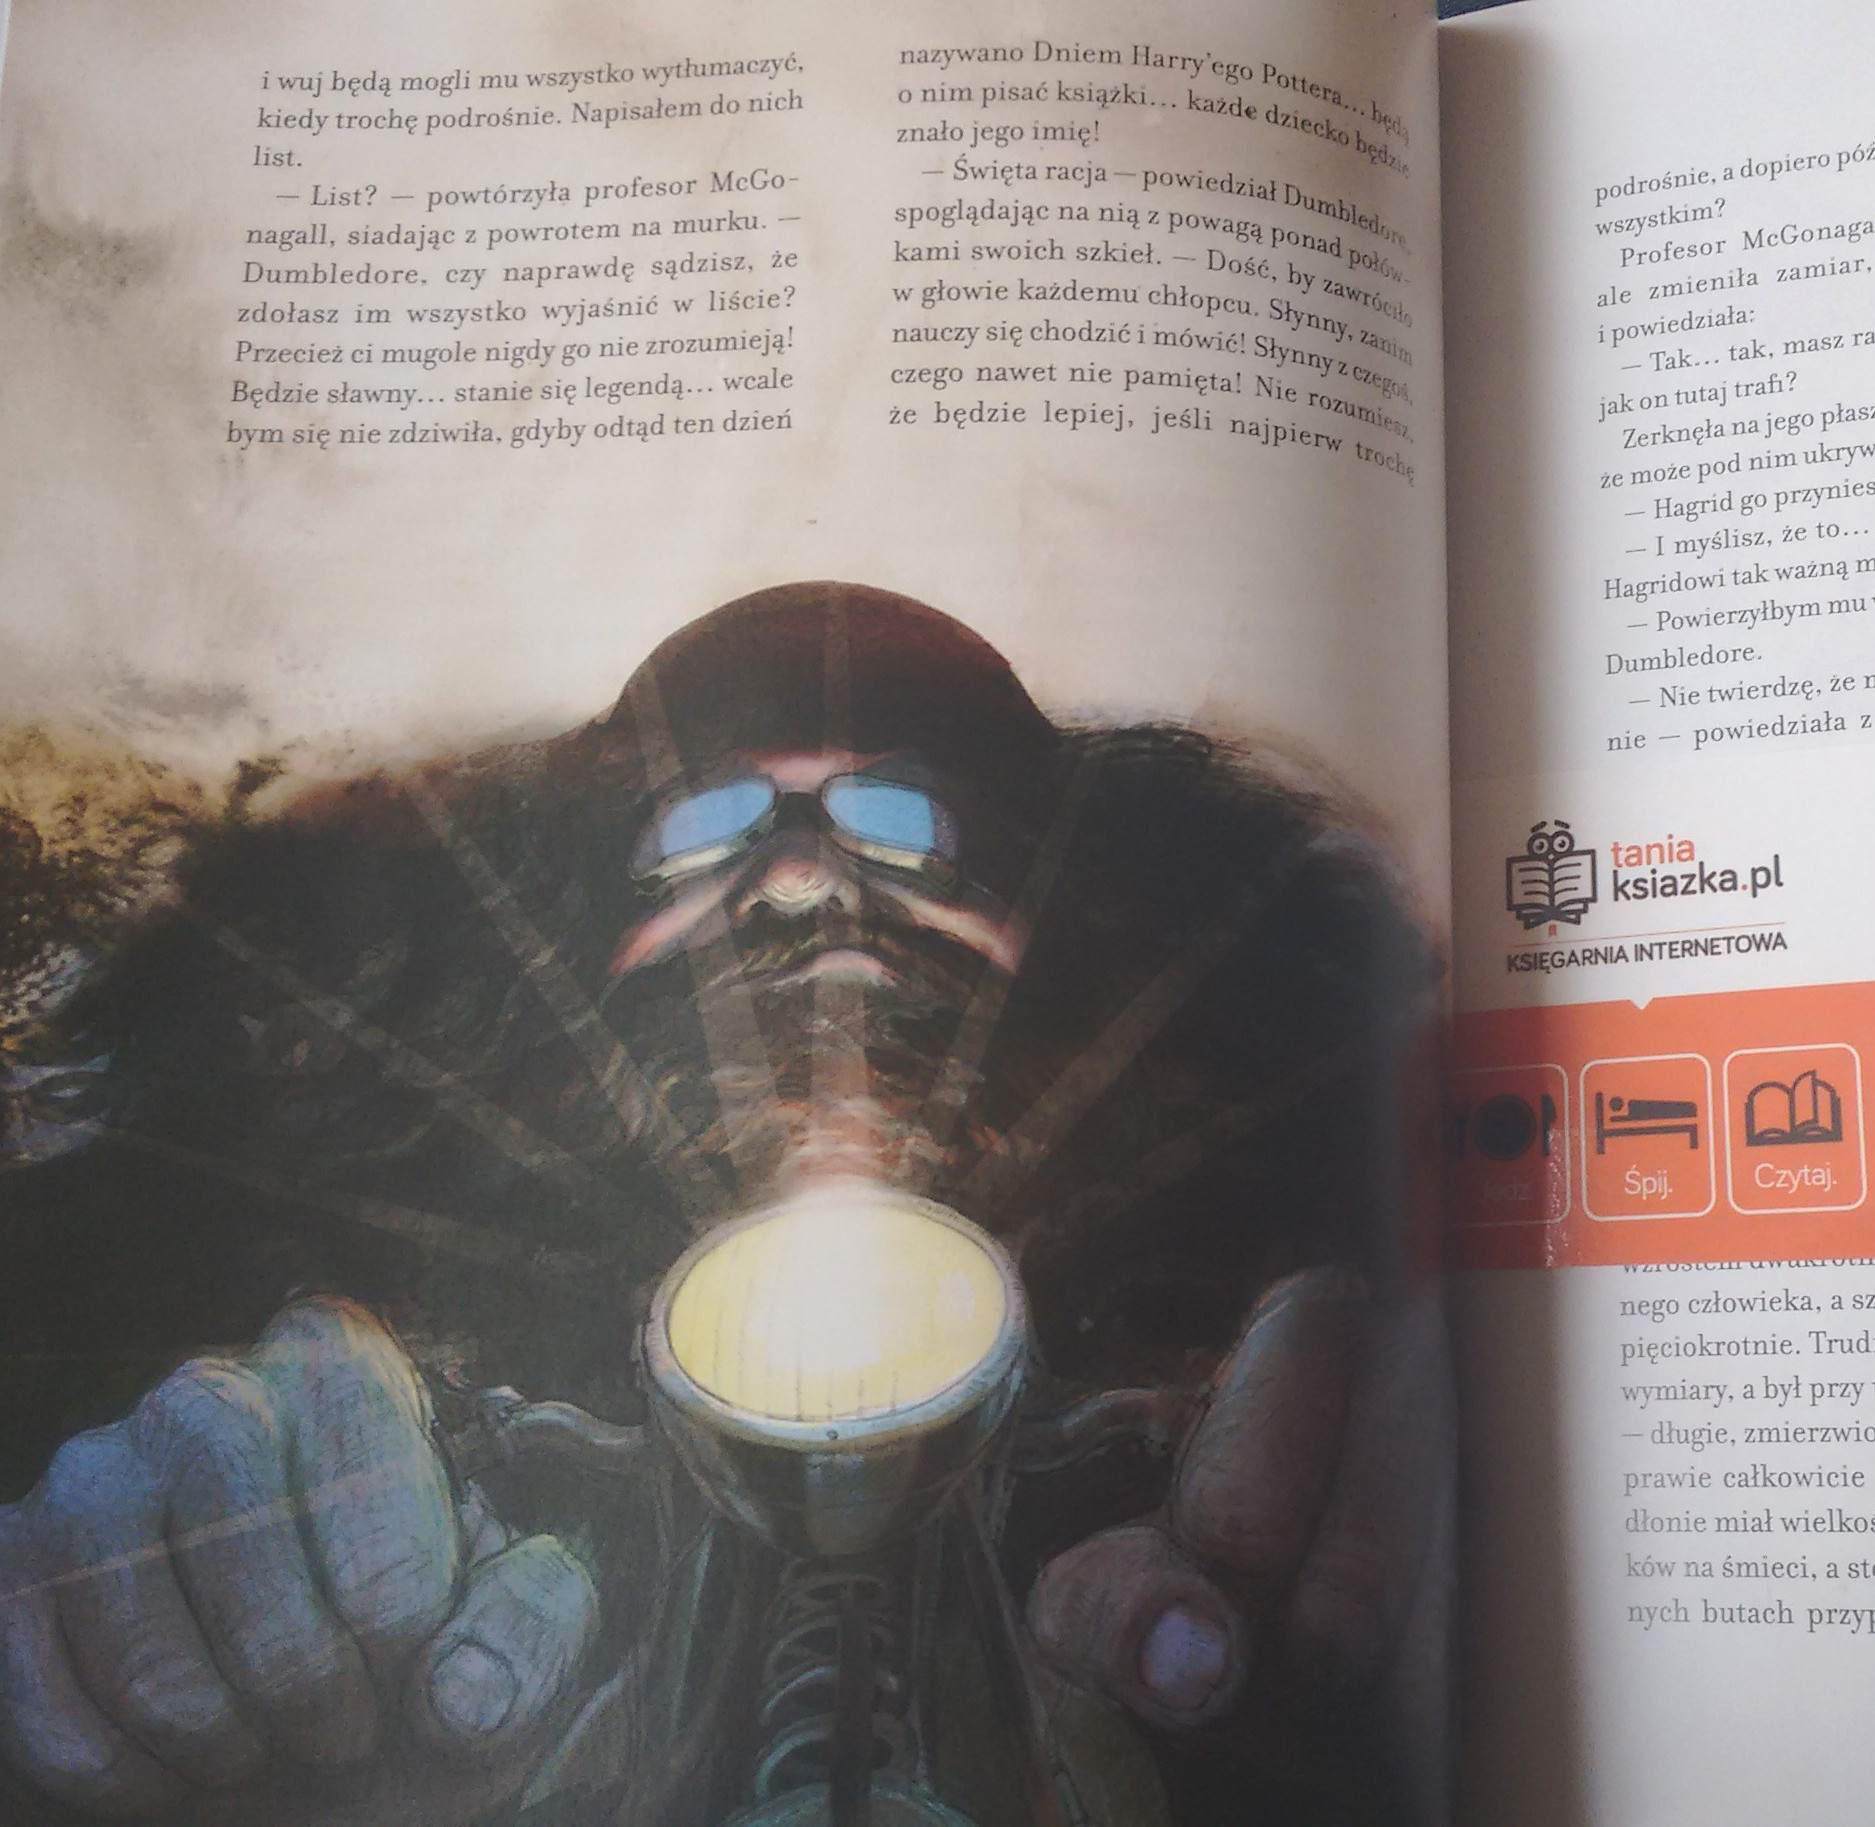 Harry Potter wydanie ilustrowane 3